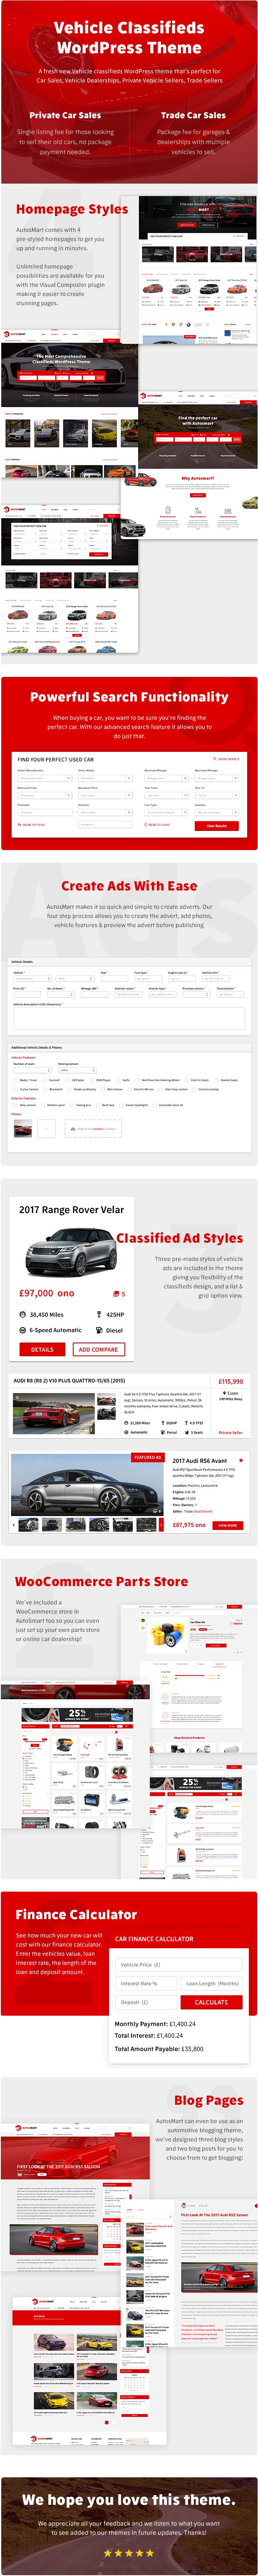 AutosMart - Automotive Car Dealer, Classifieds WordPress Theme